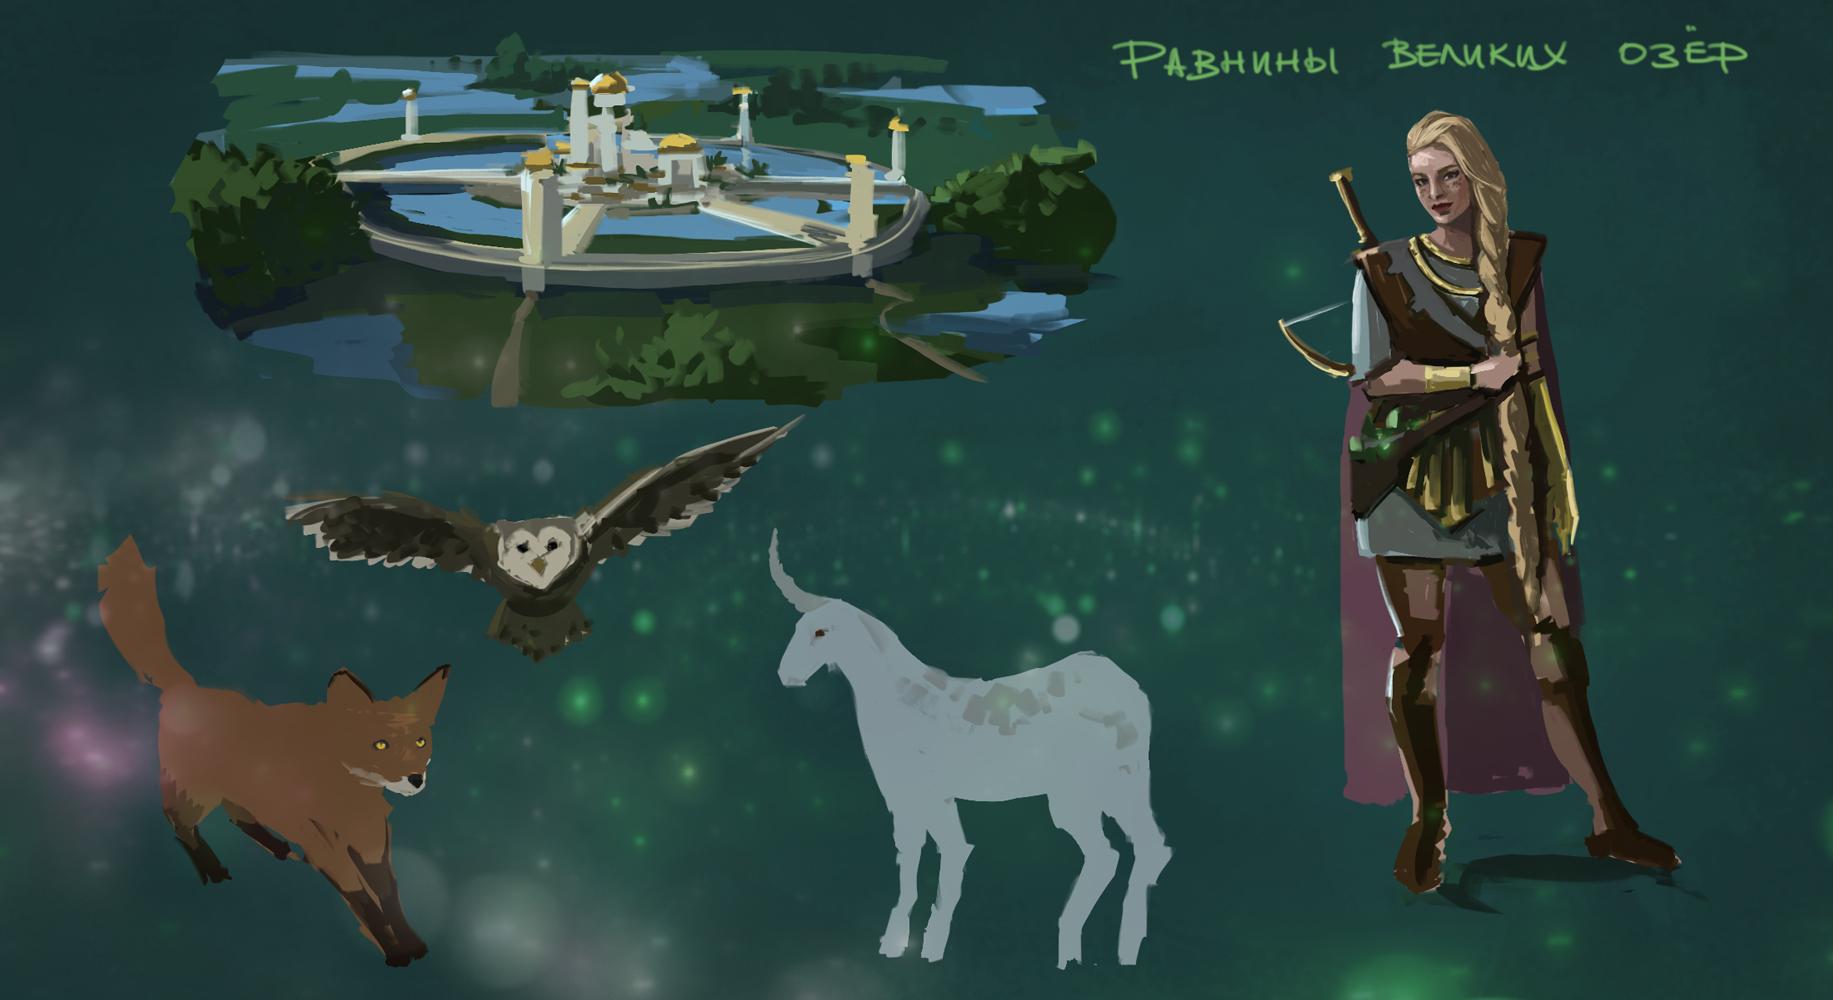 Равнины Великих Озер.jpg